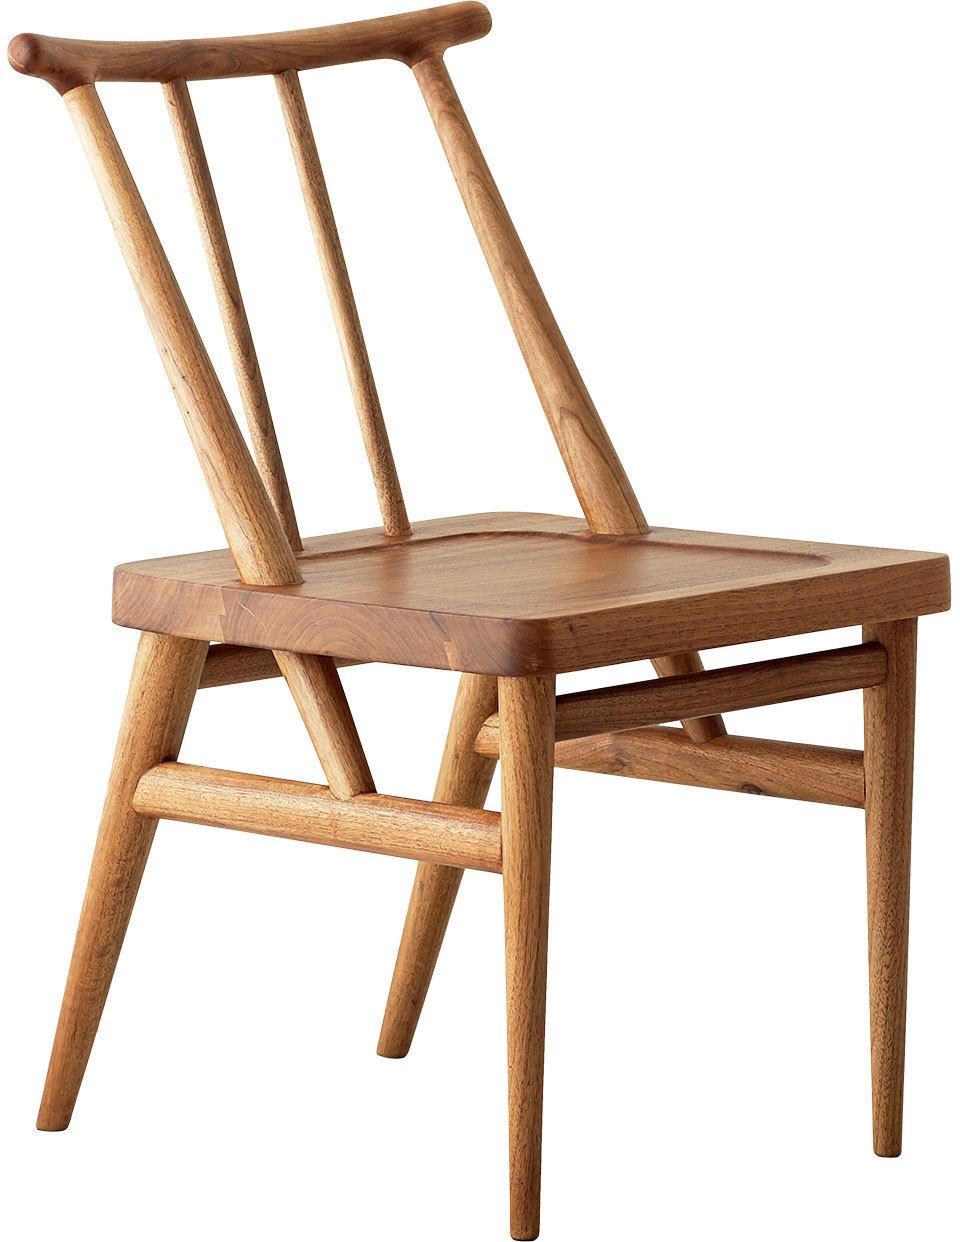 竹椅 现代的中式设计,灵感来自儿时坐的小竹椅;全